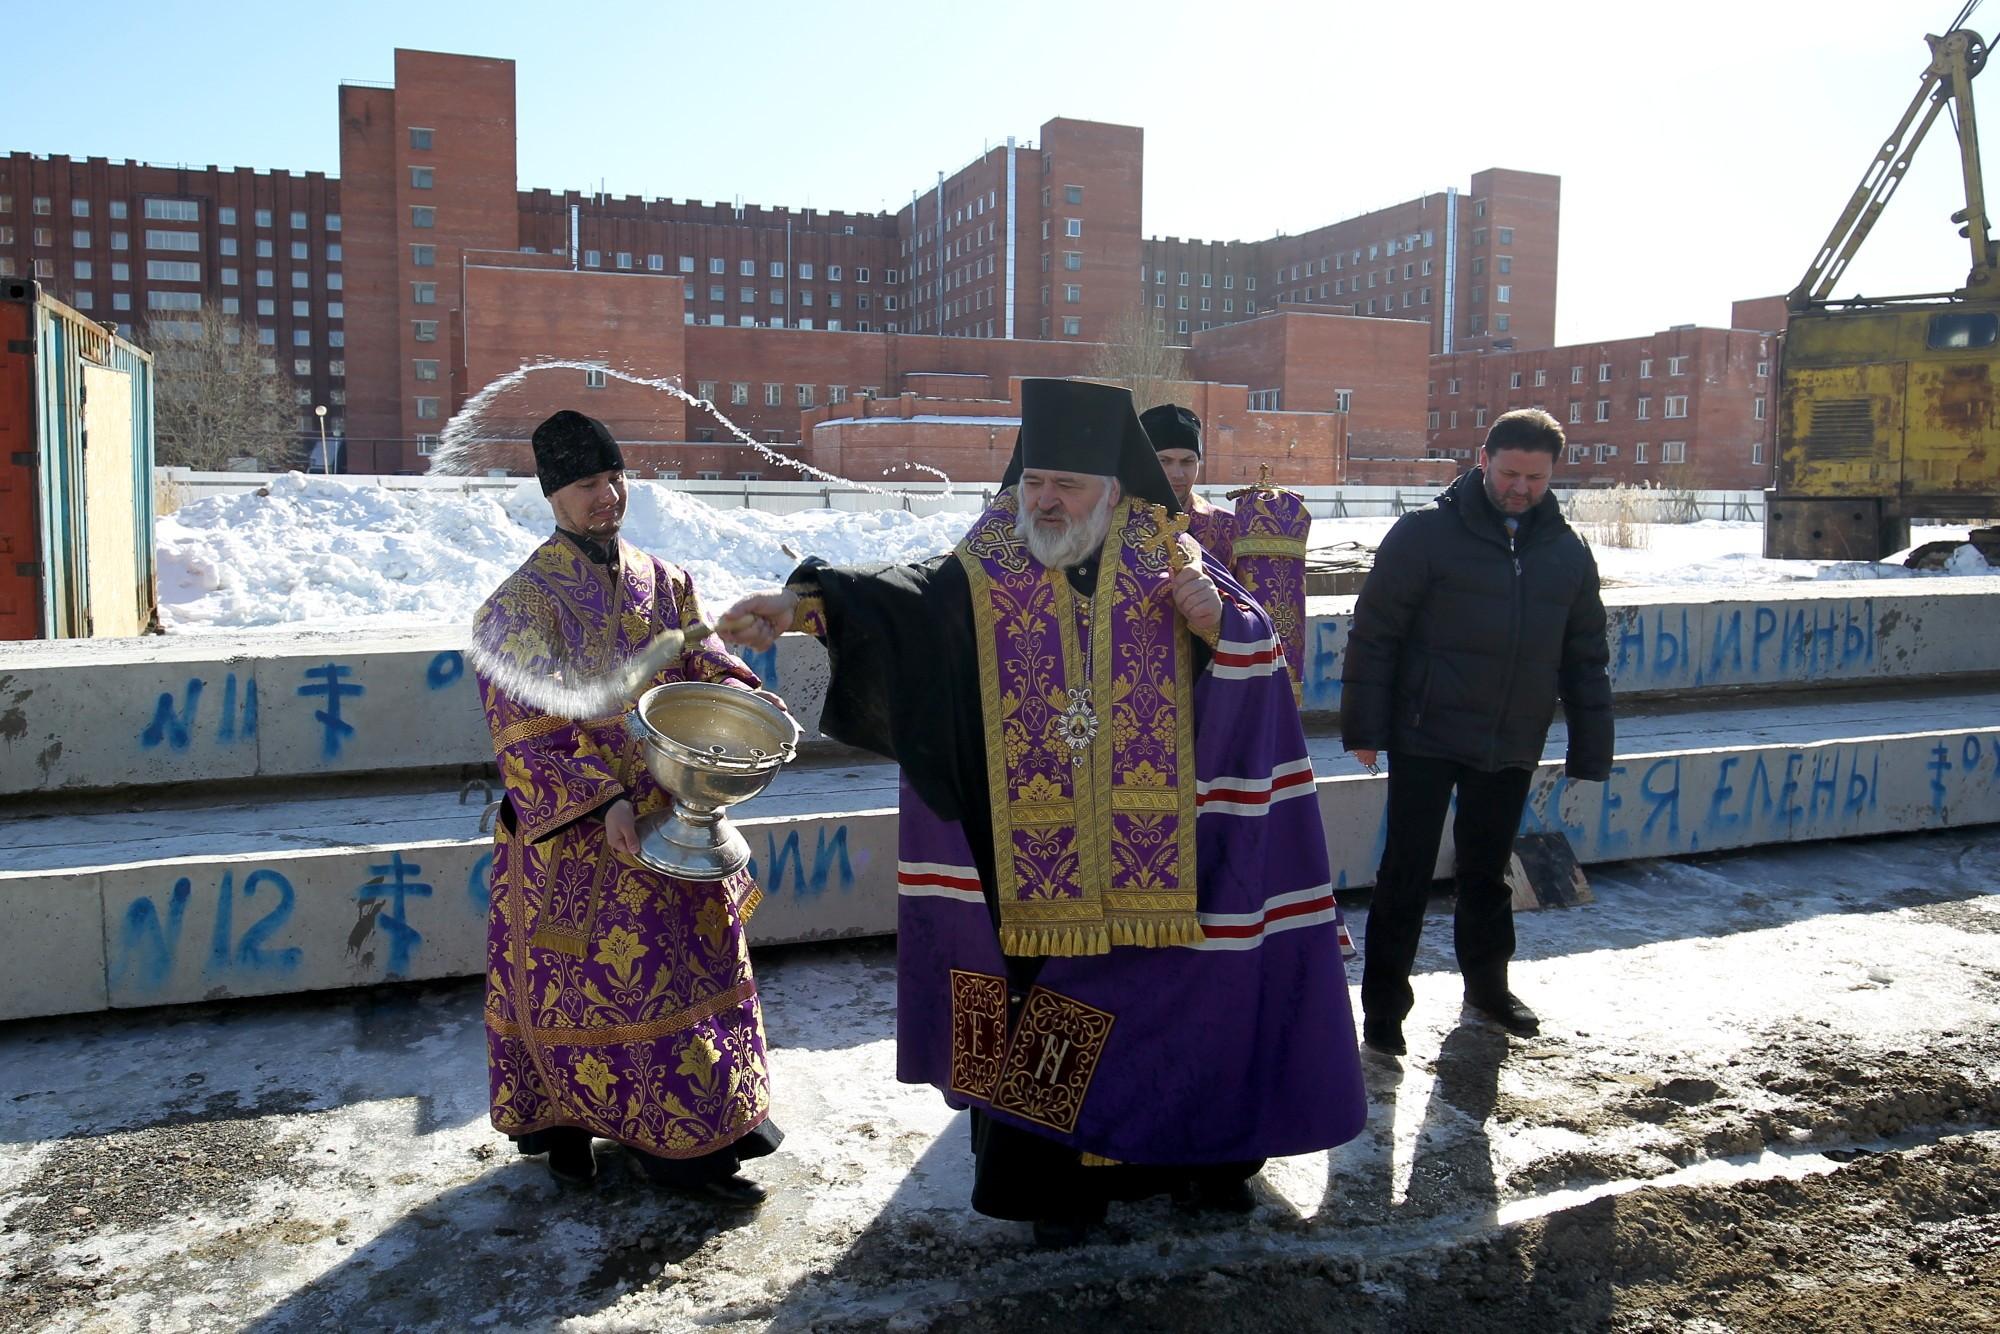 ВПетербурге построят 1-ый в Российской Федерации Дом милосердия